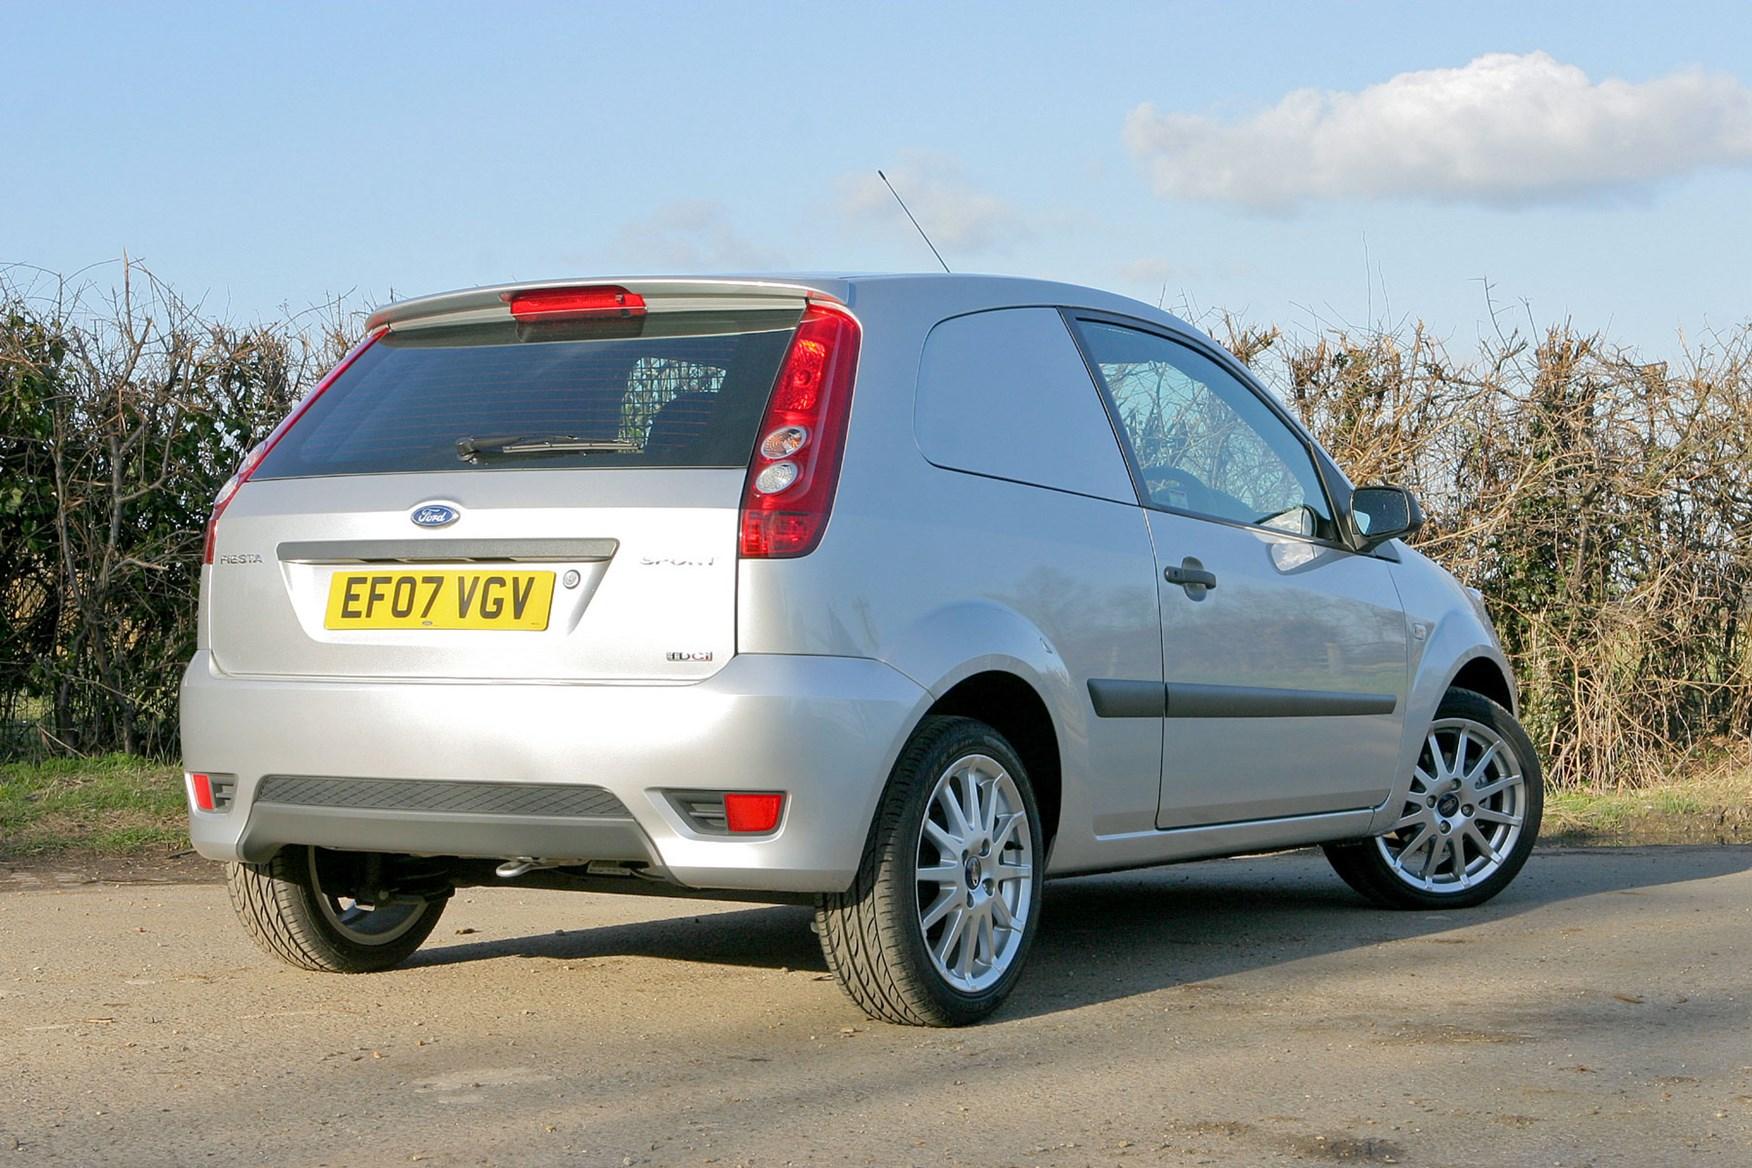 Ford Fiesta Van (2003-2009) rear view